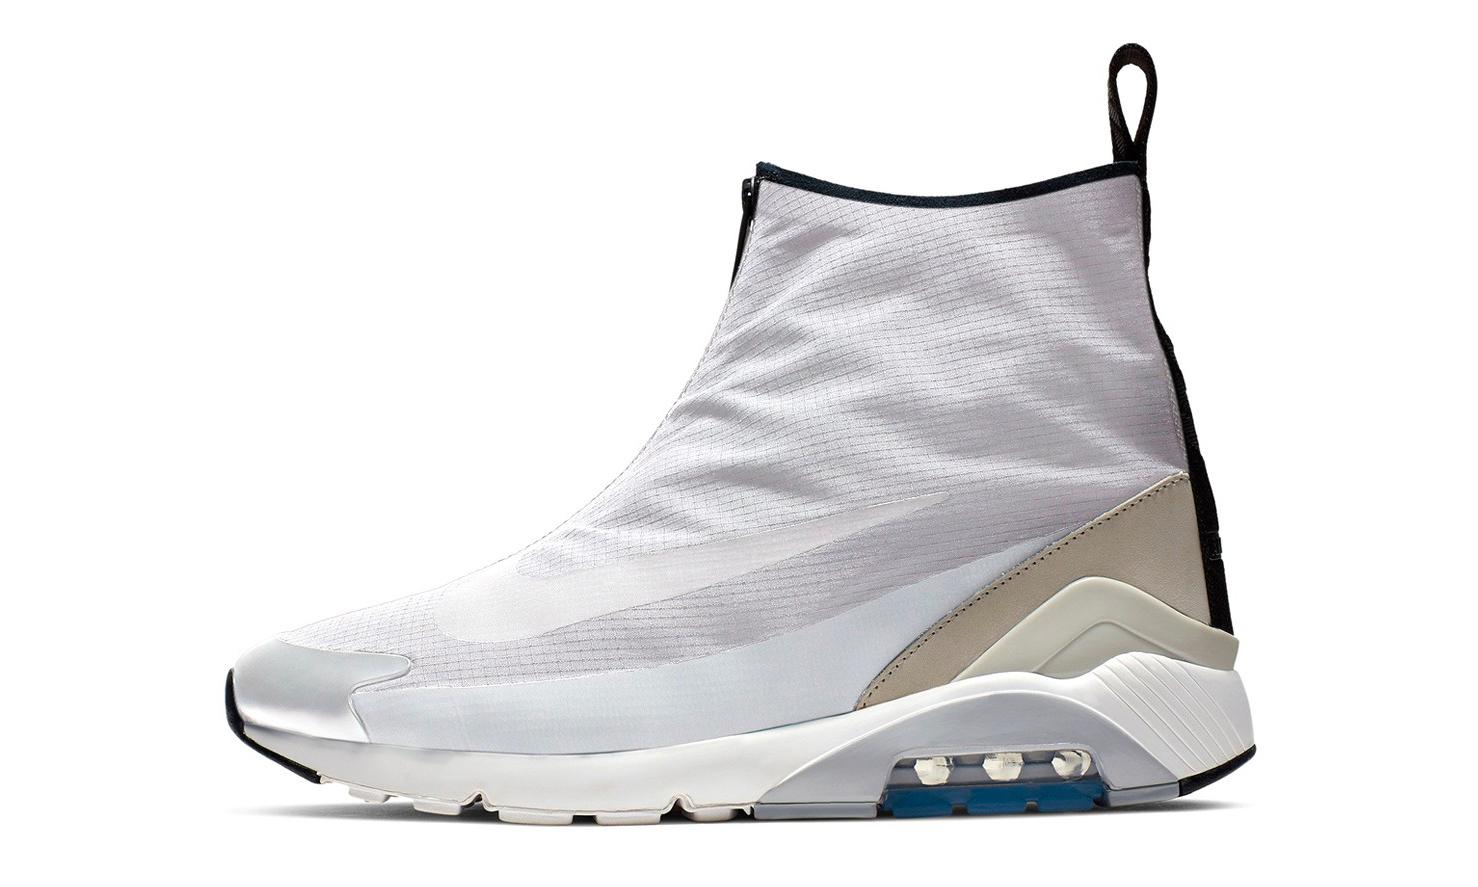 """AMBUSH® x Nike Air Max 180 Hi 即将上架 """"Light Bone"""" 配色"""